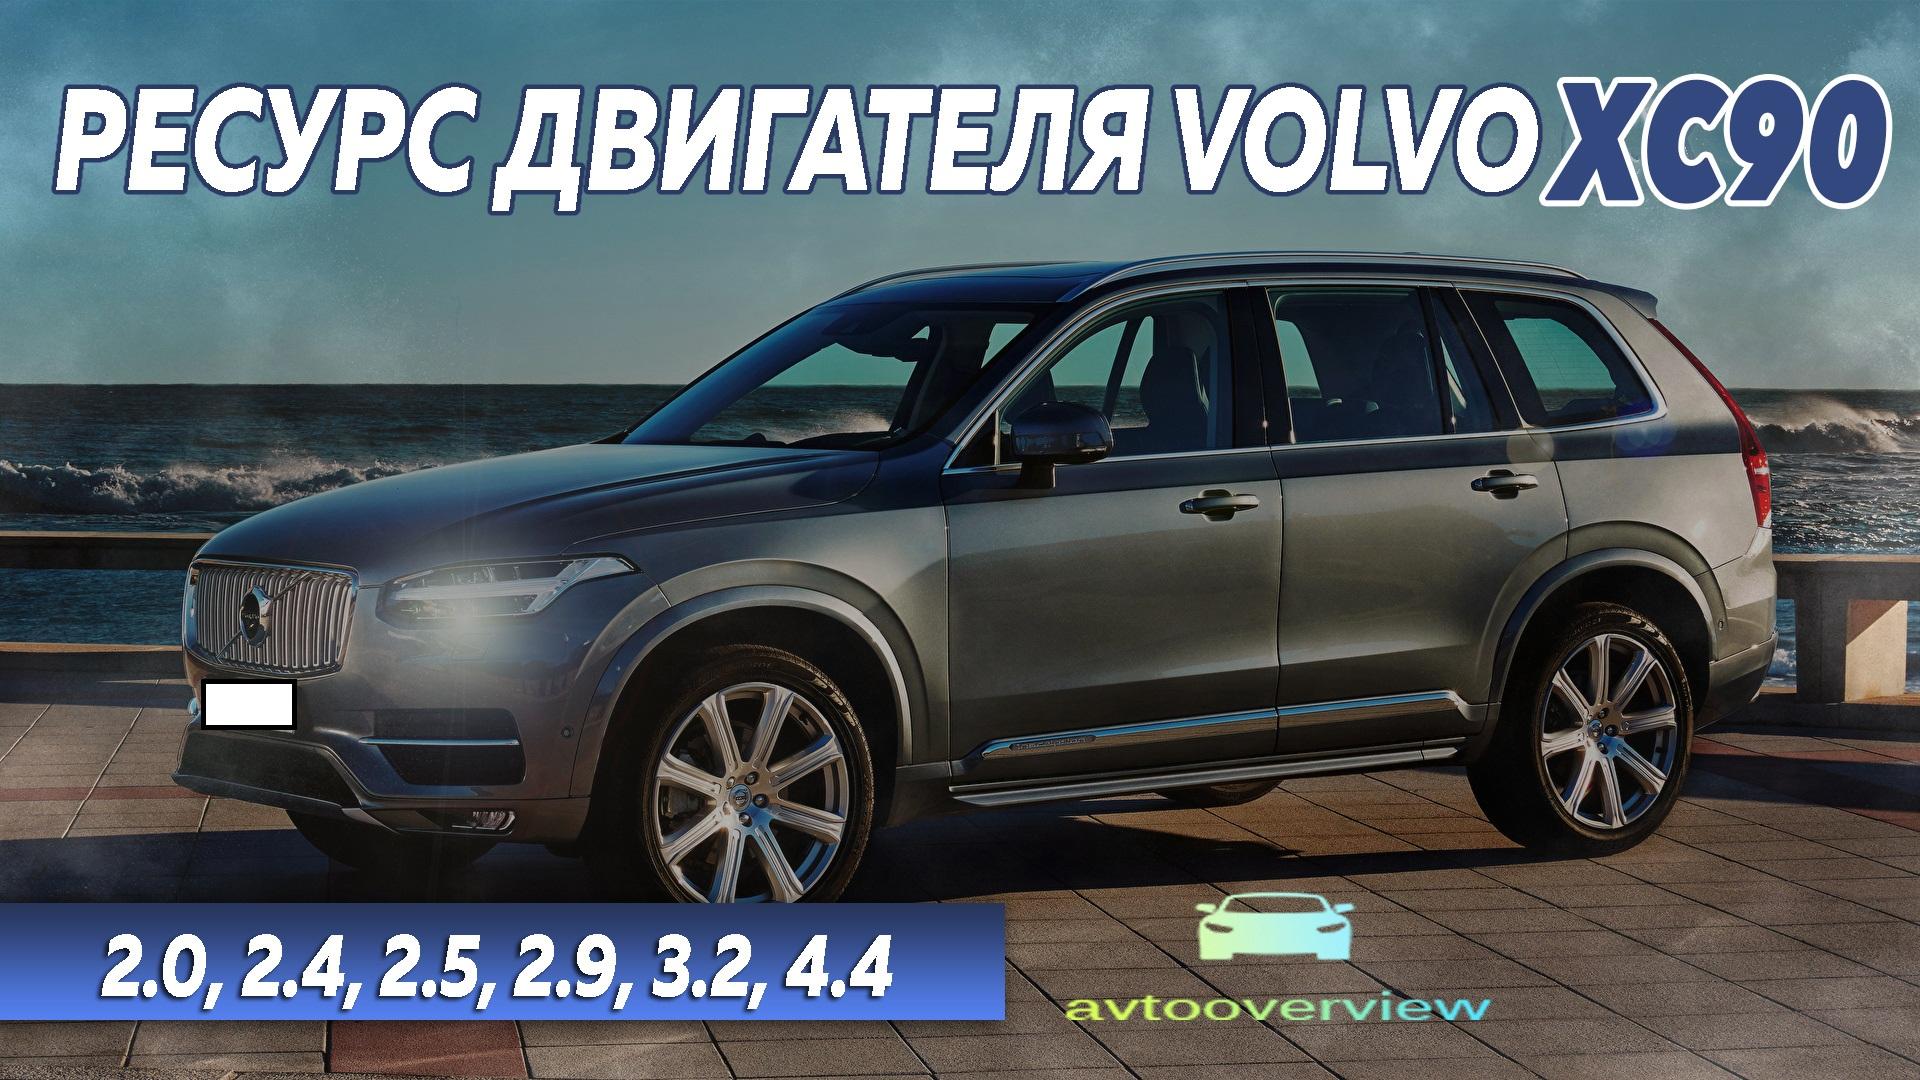 Ресурс двигателя Вольво XC90 2.0, 2.4, 2.5, 2.9, 3.2, 4.4